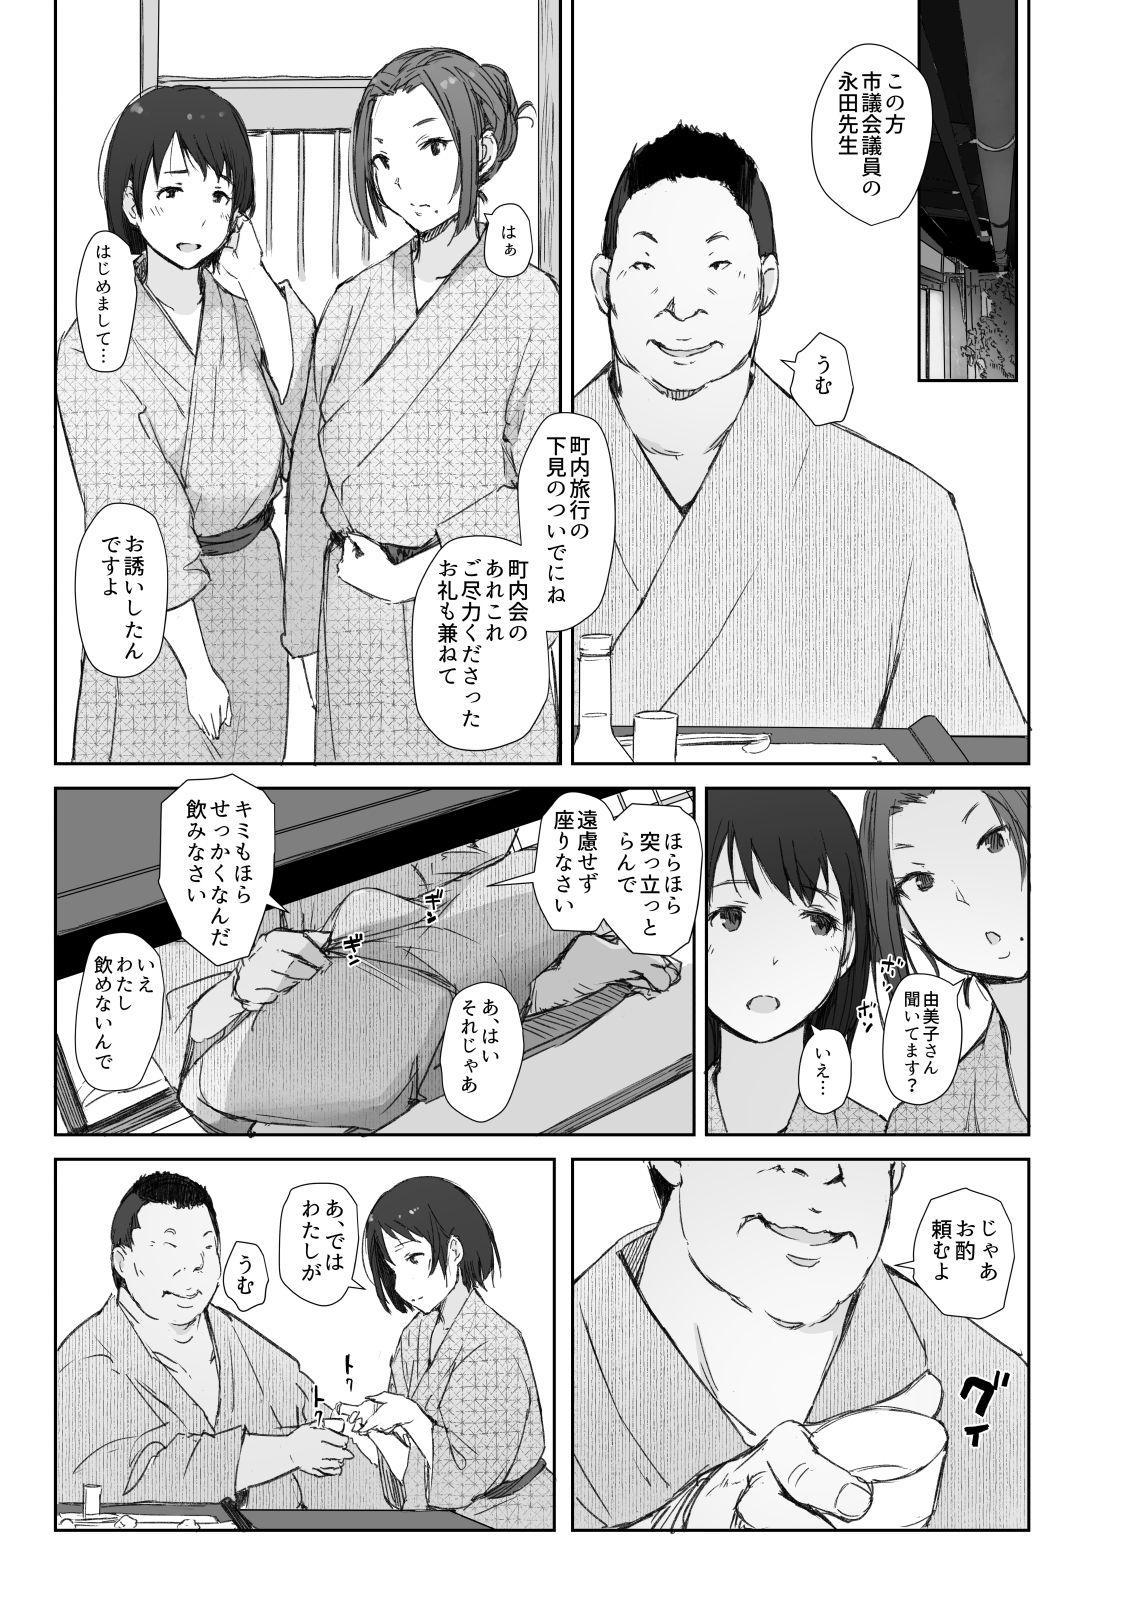 Netorareta Hitozuma to Netorareru Hitozuma 8